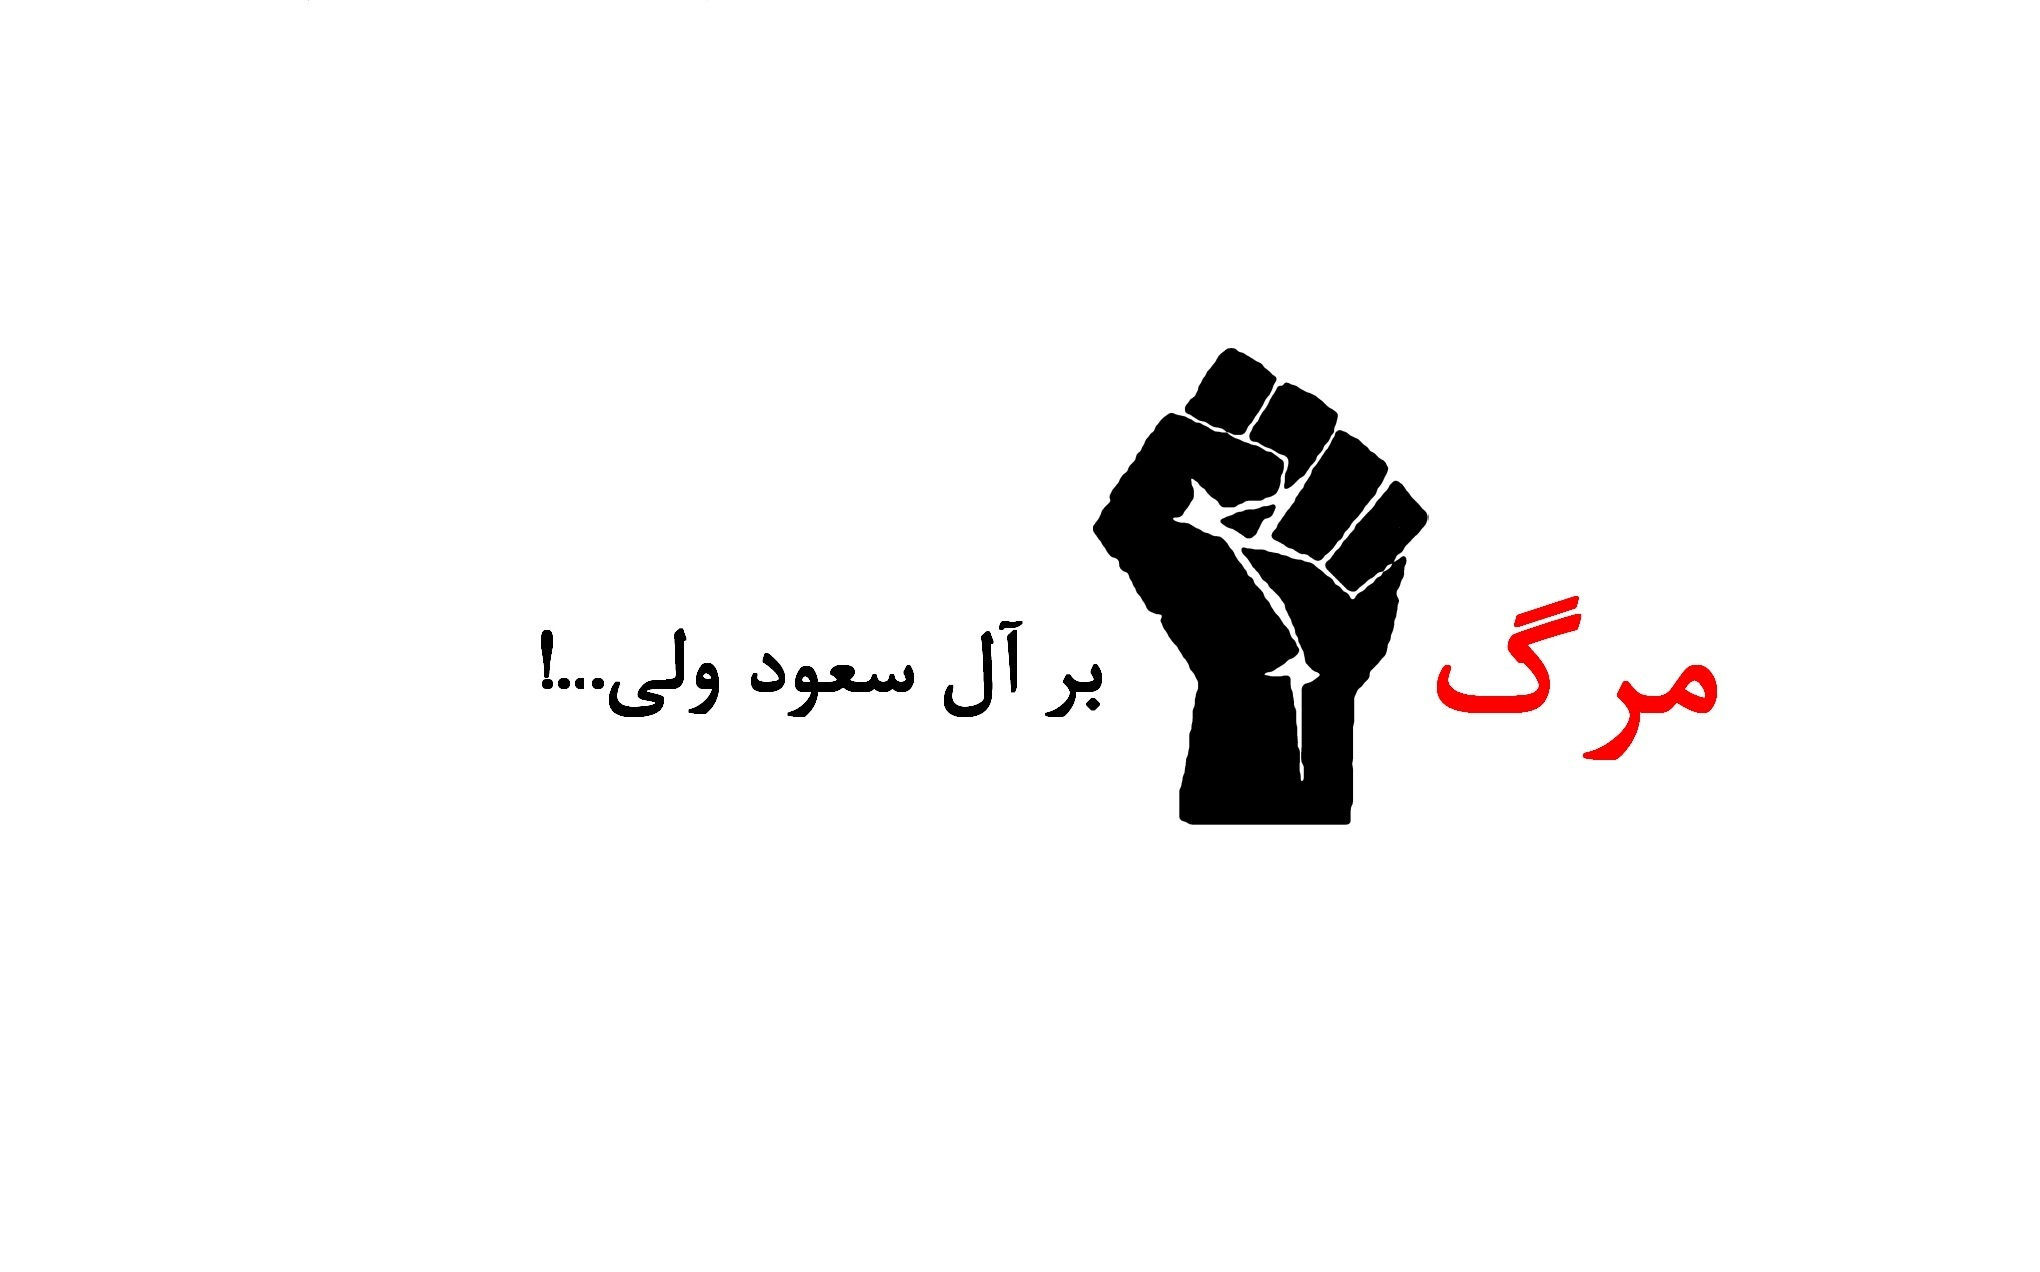 مرگ بر آل سعود ولی...!